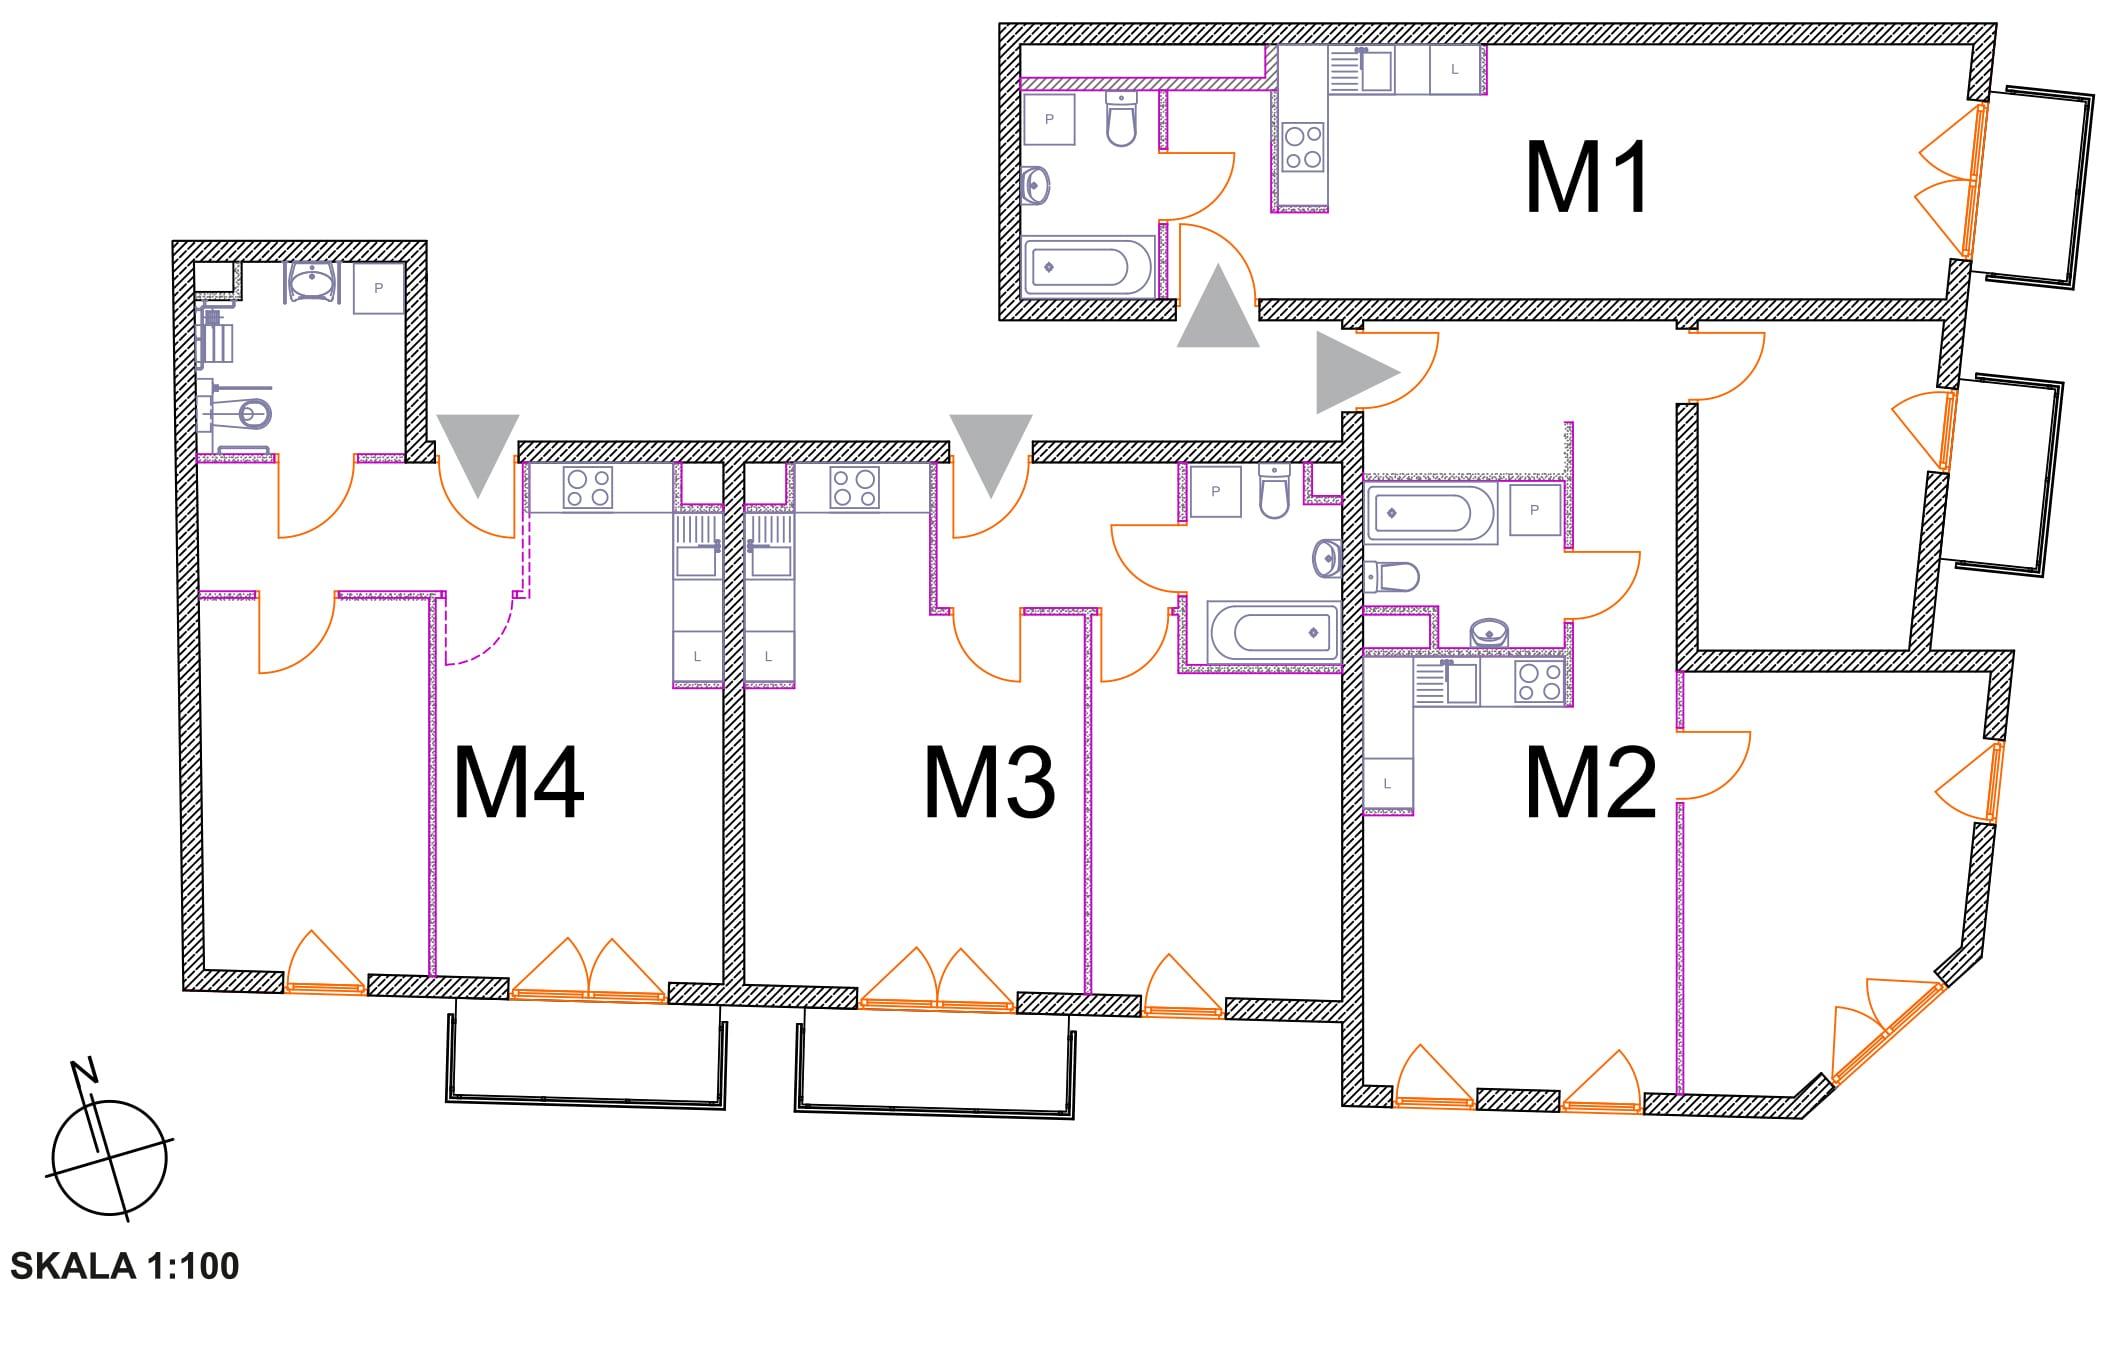 Polna, Poznań, plan piętra